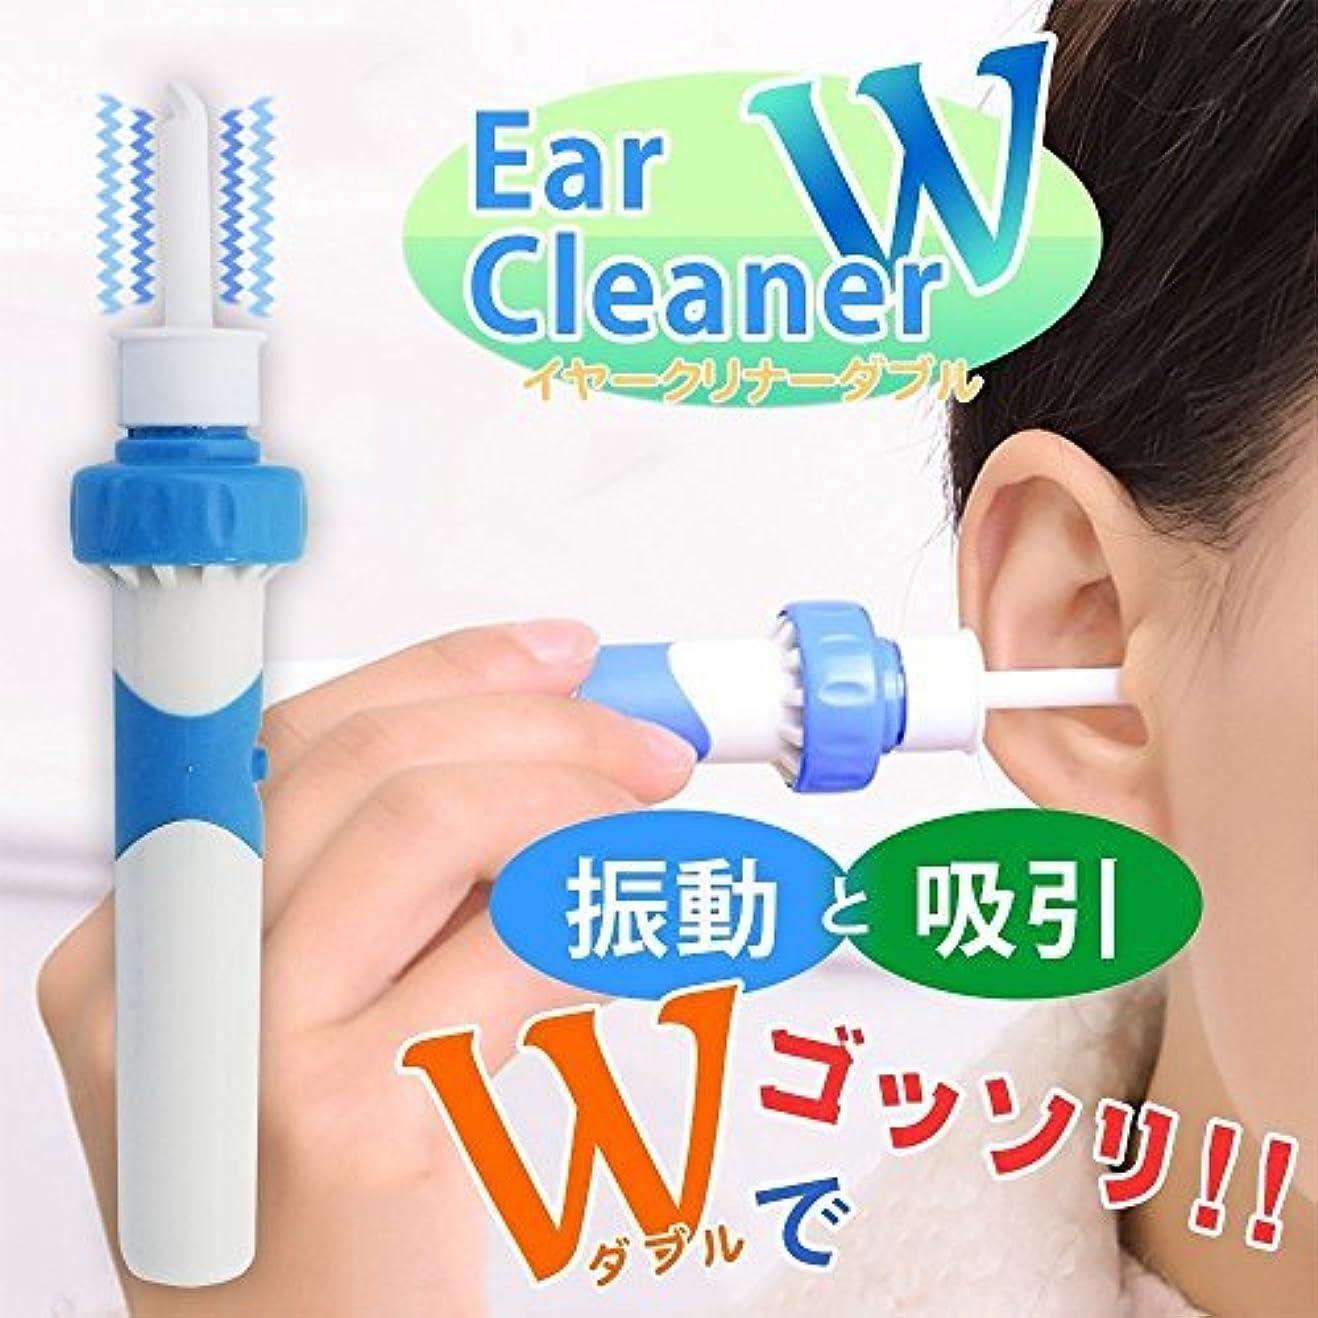 長いですむしろ代表CHUI FEN 耳掃除機 電動耳掃除 耳クリーナー 耳掃除 みみそうじ 耳垢 吸引 耳あか吸引